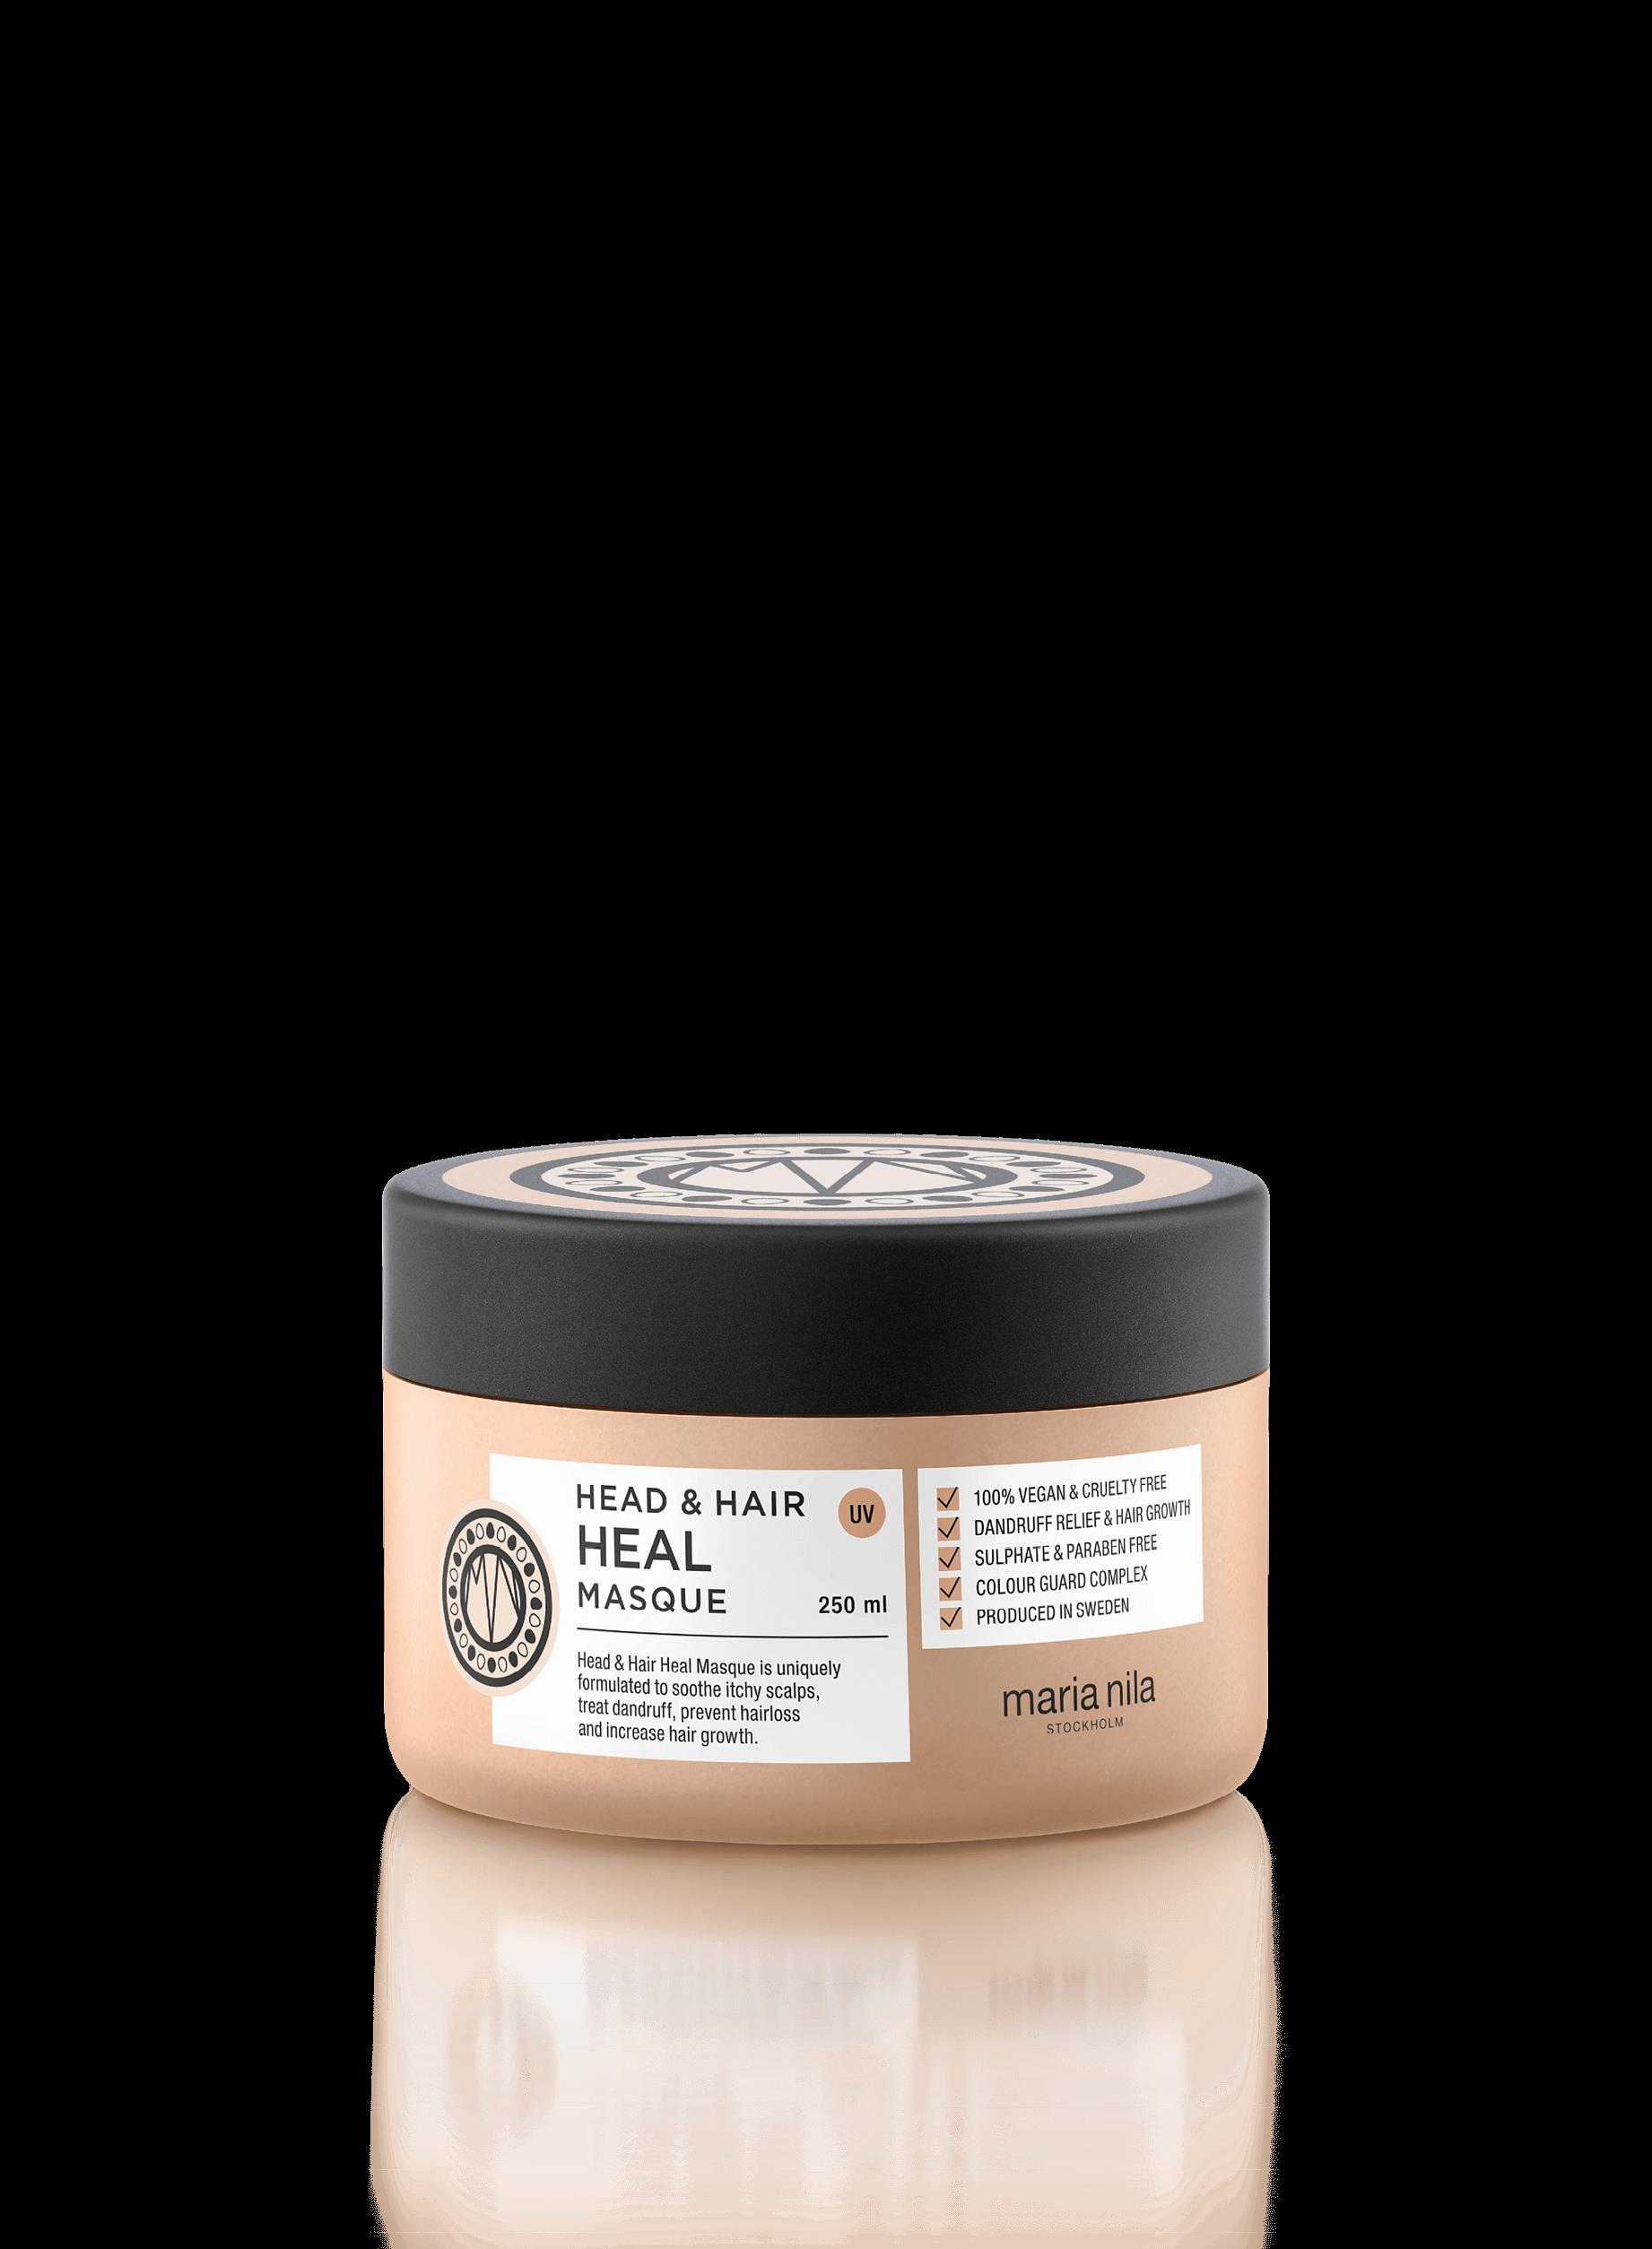 Head & Hair Heal Masque 250 ml